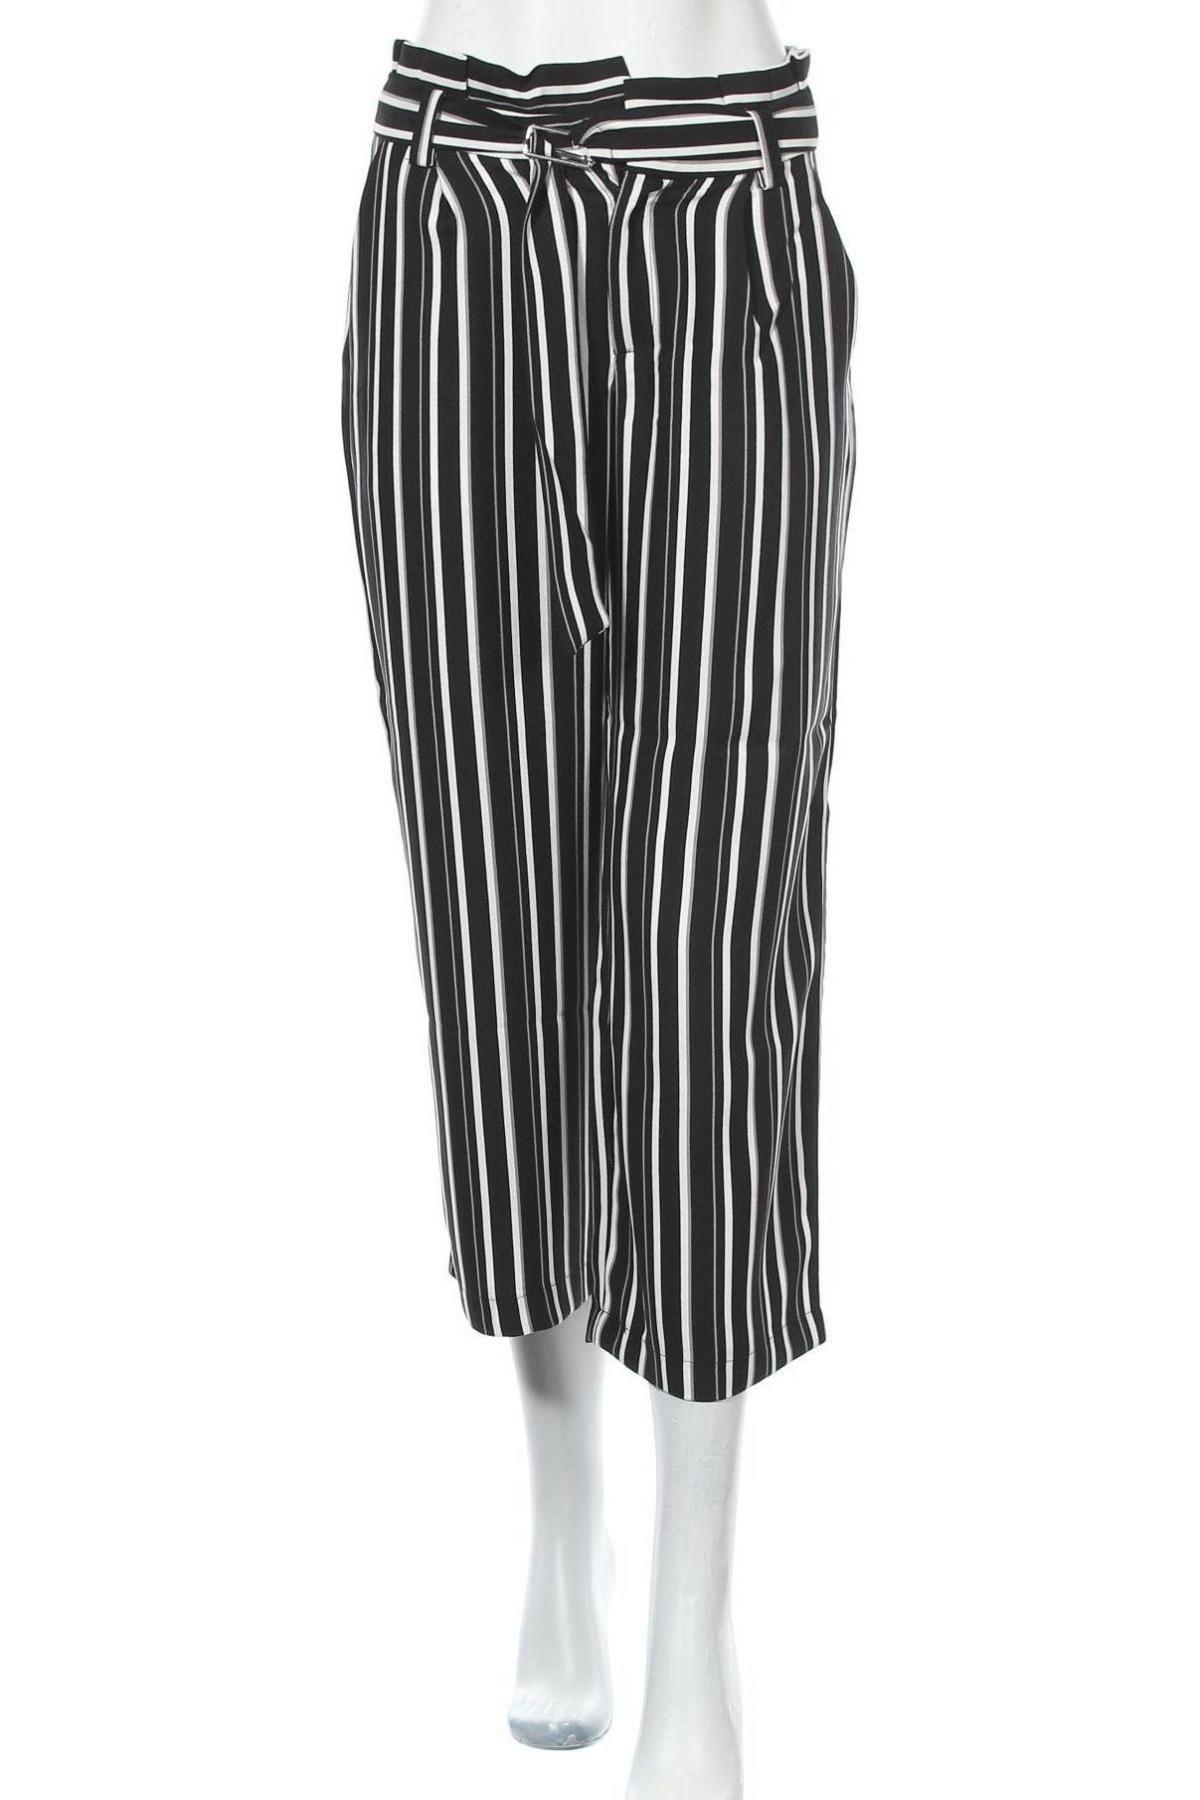 Дамски панталон ONLY, Размер M, Цвят Черен, Полиестер, Цена 20,34лв.